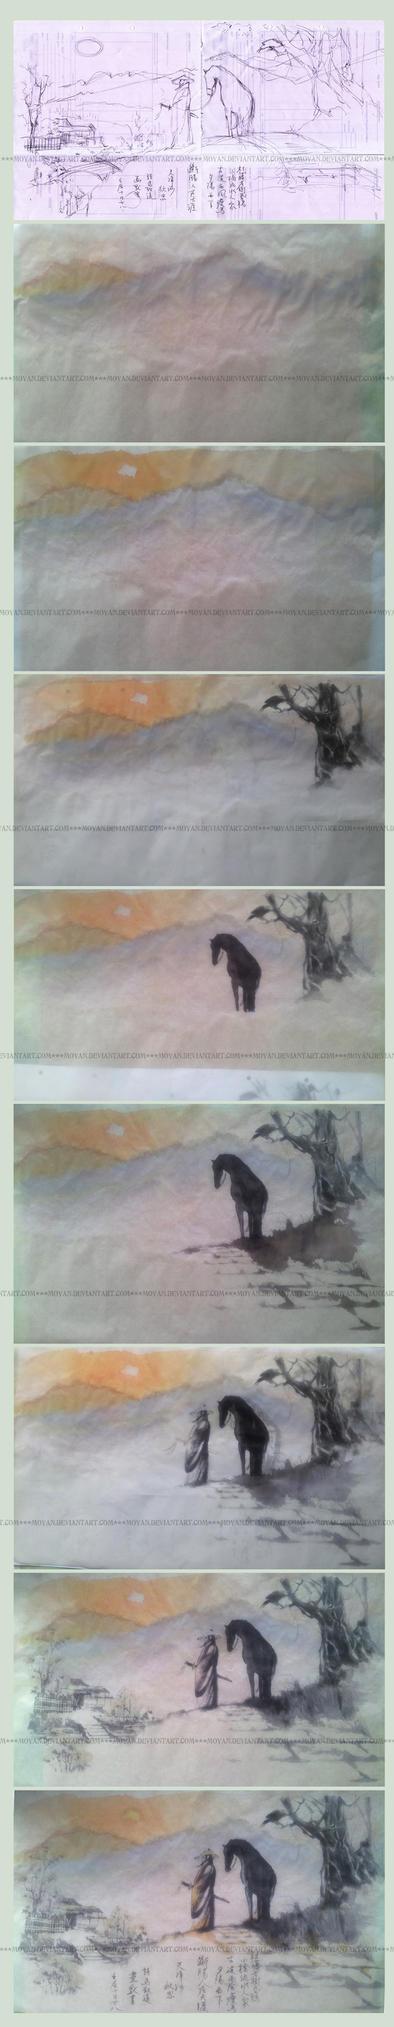 Wanderer - work in progress by moyan